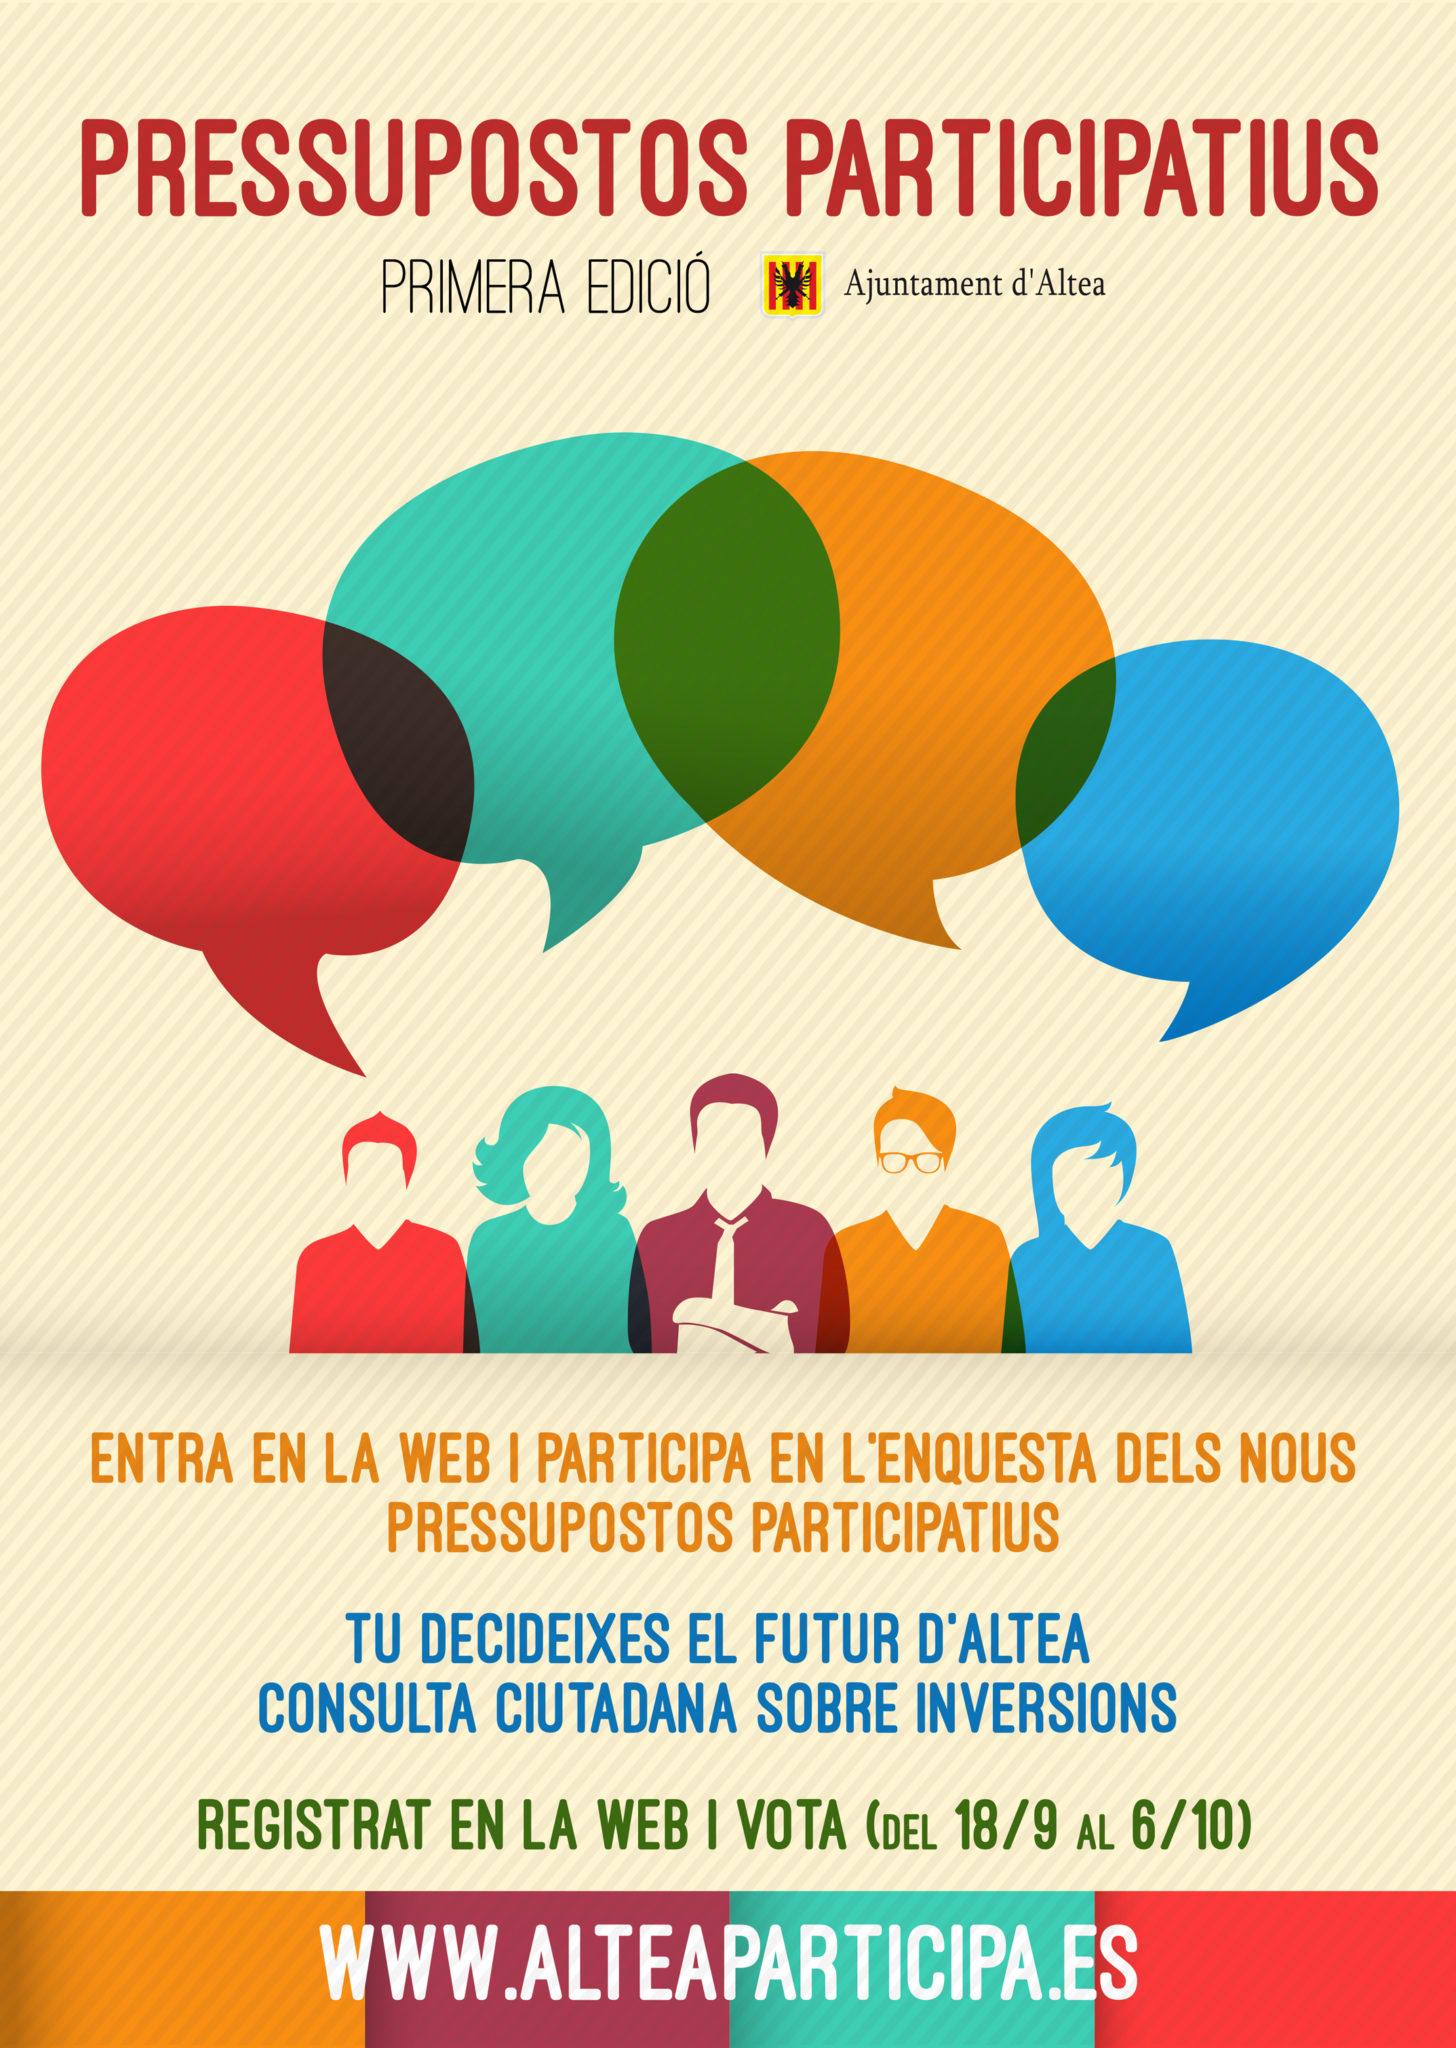 Entra en la web www.alteaparticipa.es i participa en l'enquesta dels nous pressupostos participatius. Decideix el futur d'Altea fins al 6 d'octubre.